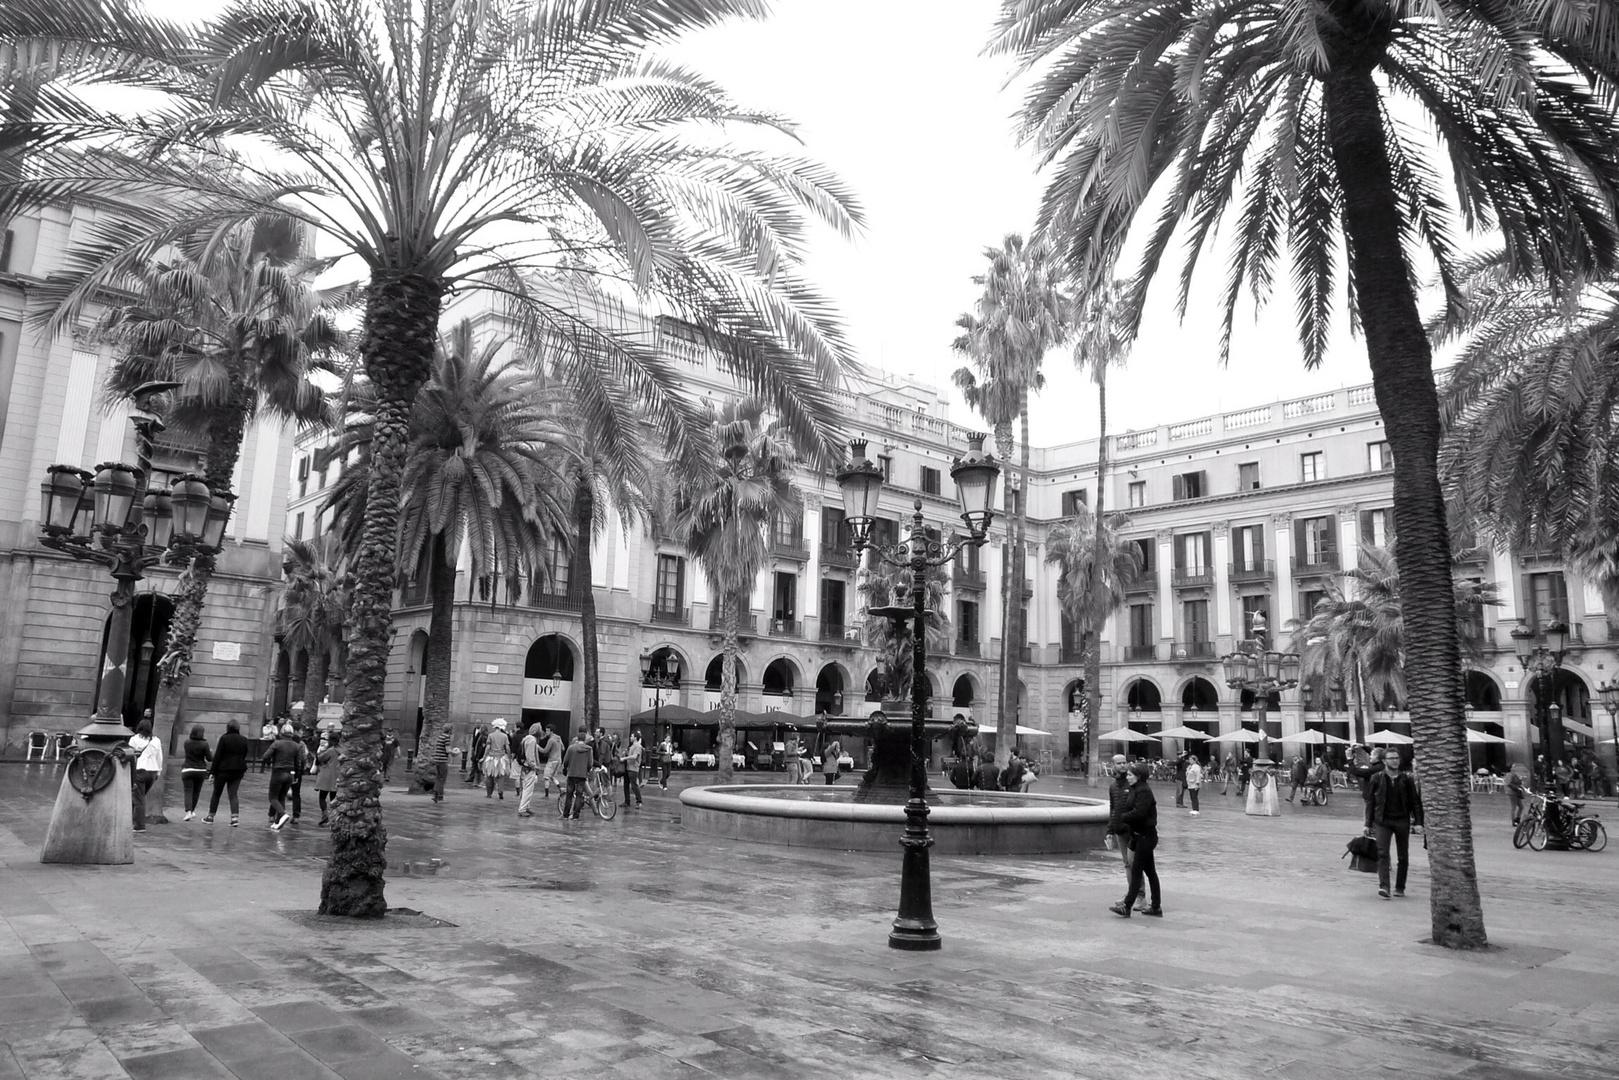 Barcelona my love